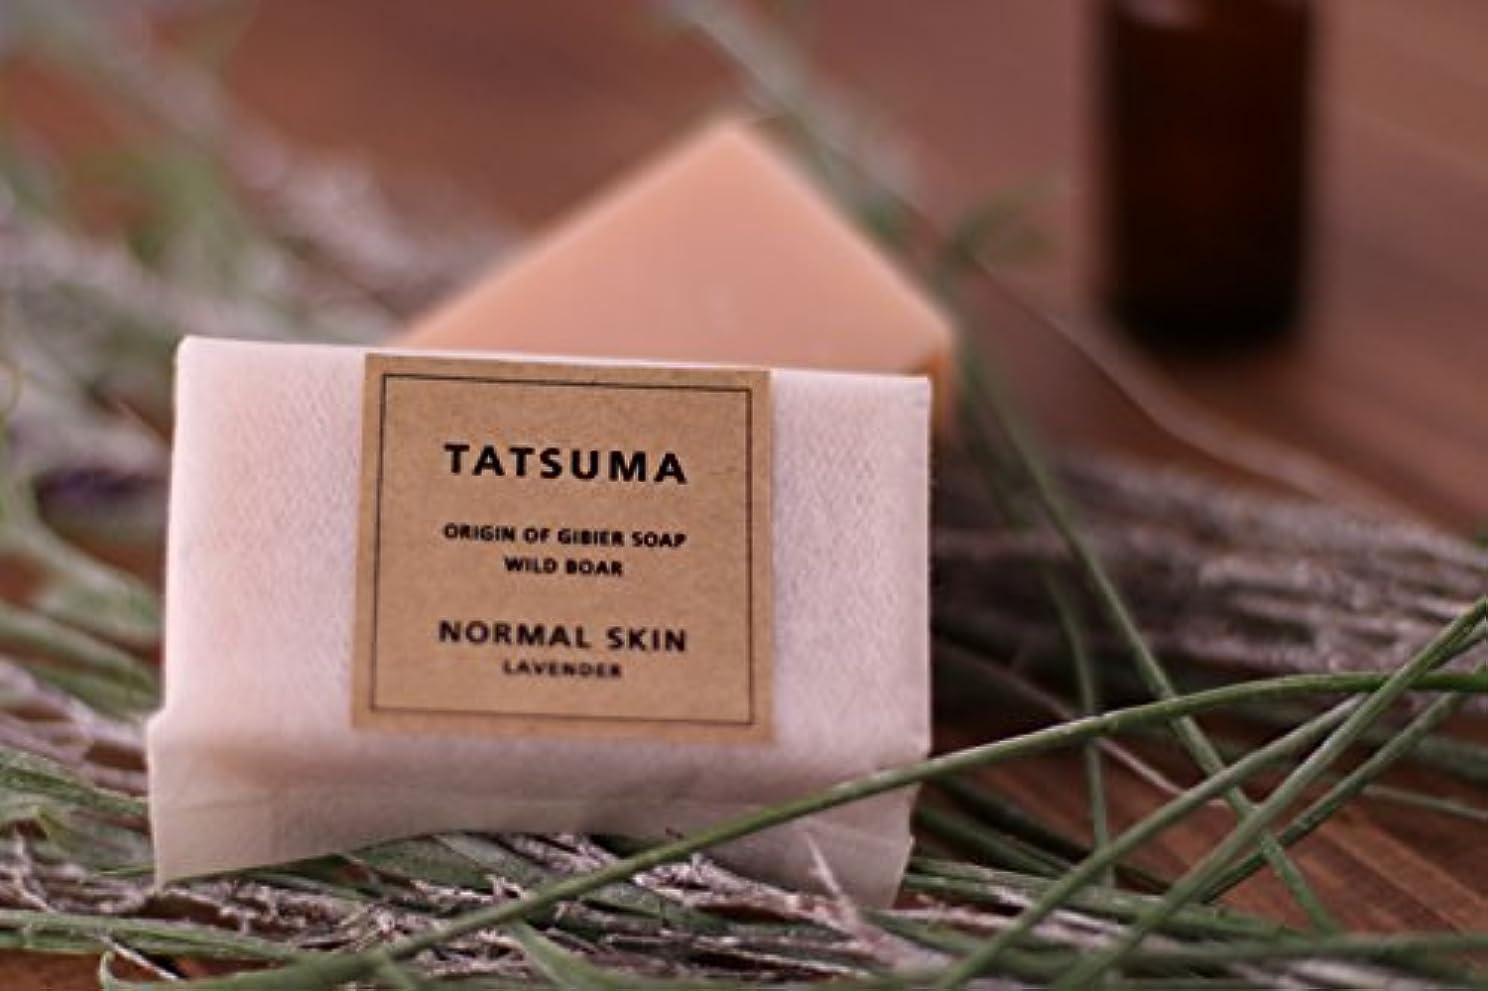 あいにくお茶ホイストたつま石鹸21(化粧石鹸) 非加熱製法 | TATSUMA NORMAL SKIN LAVENDER